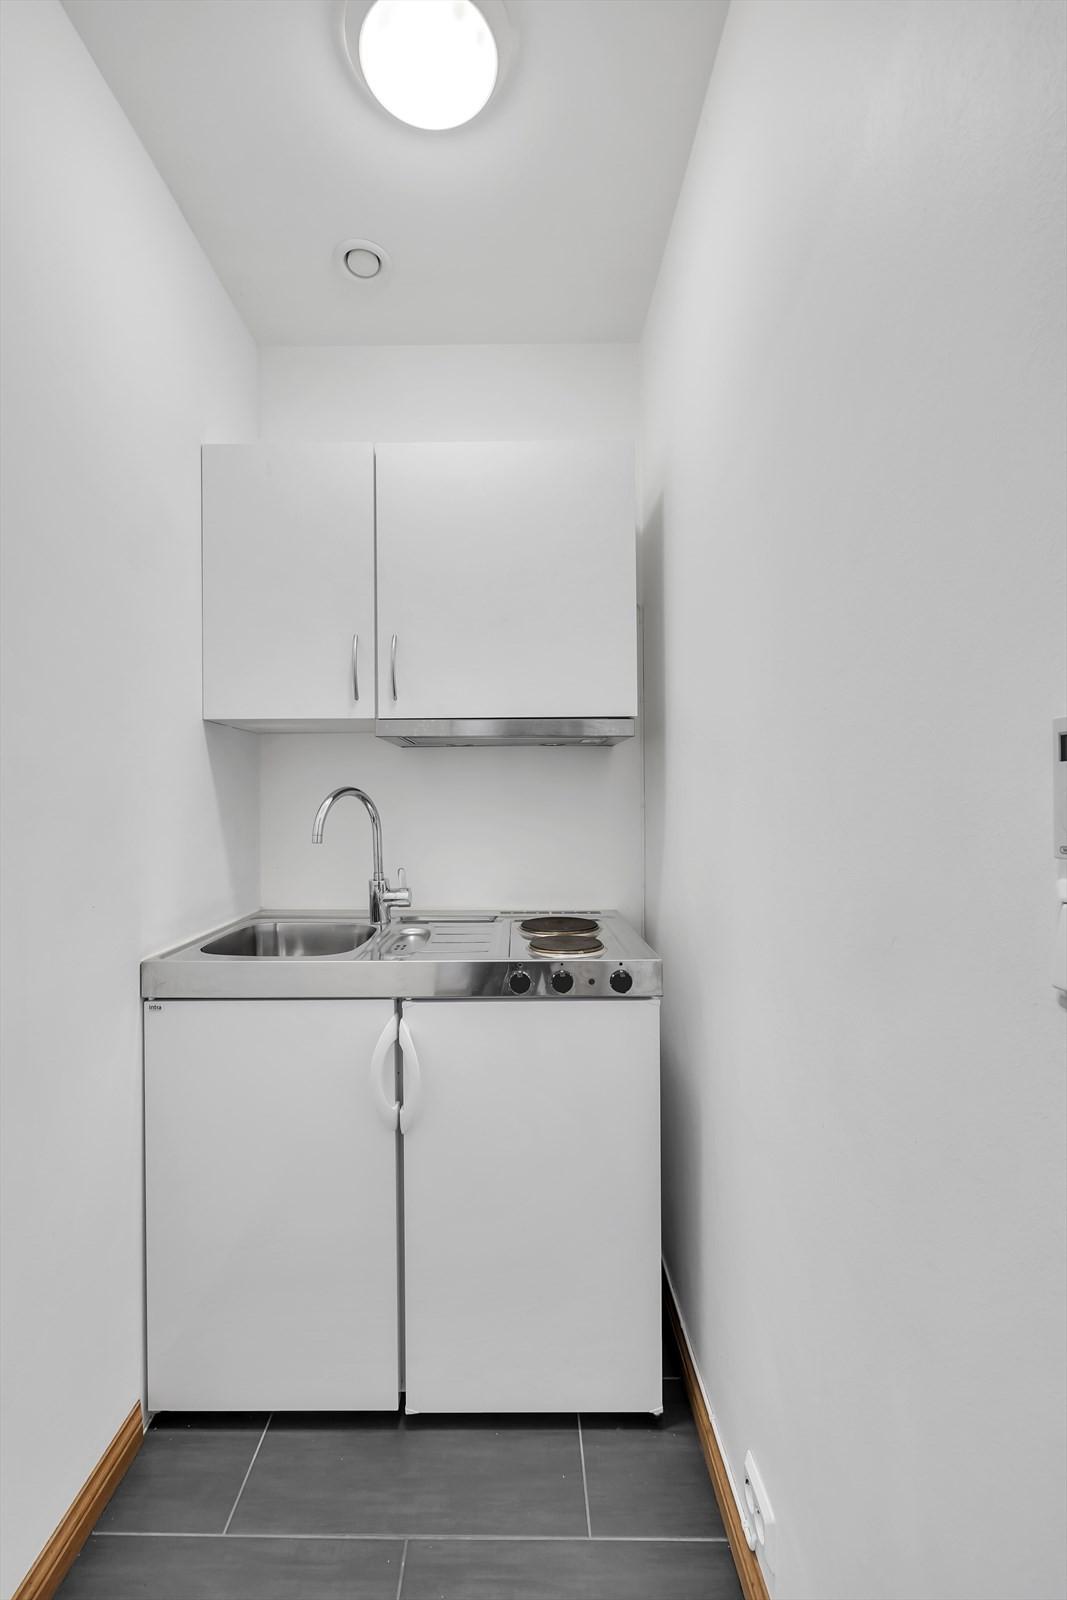 ..og en liten kjøkkennisje. - Akkurat det som trengs!